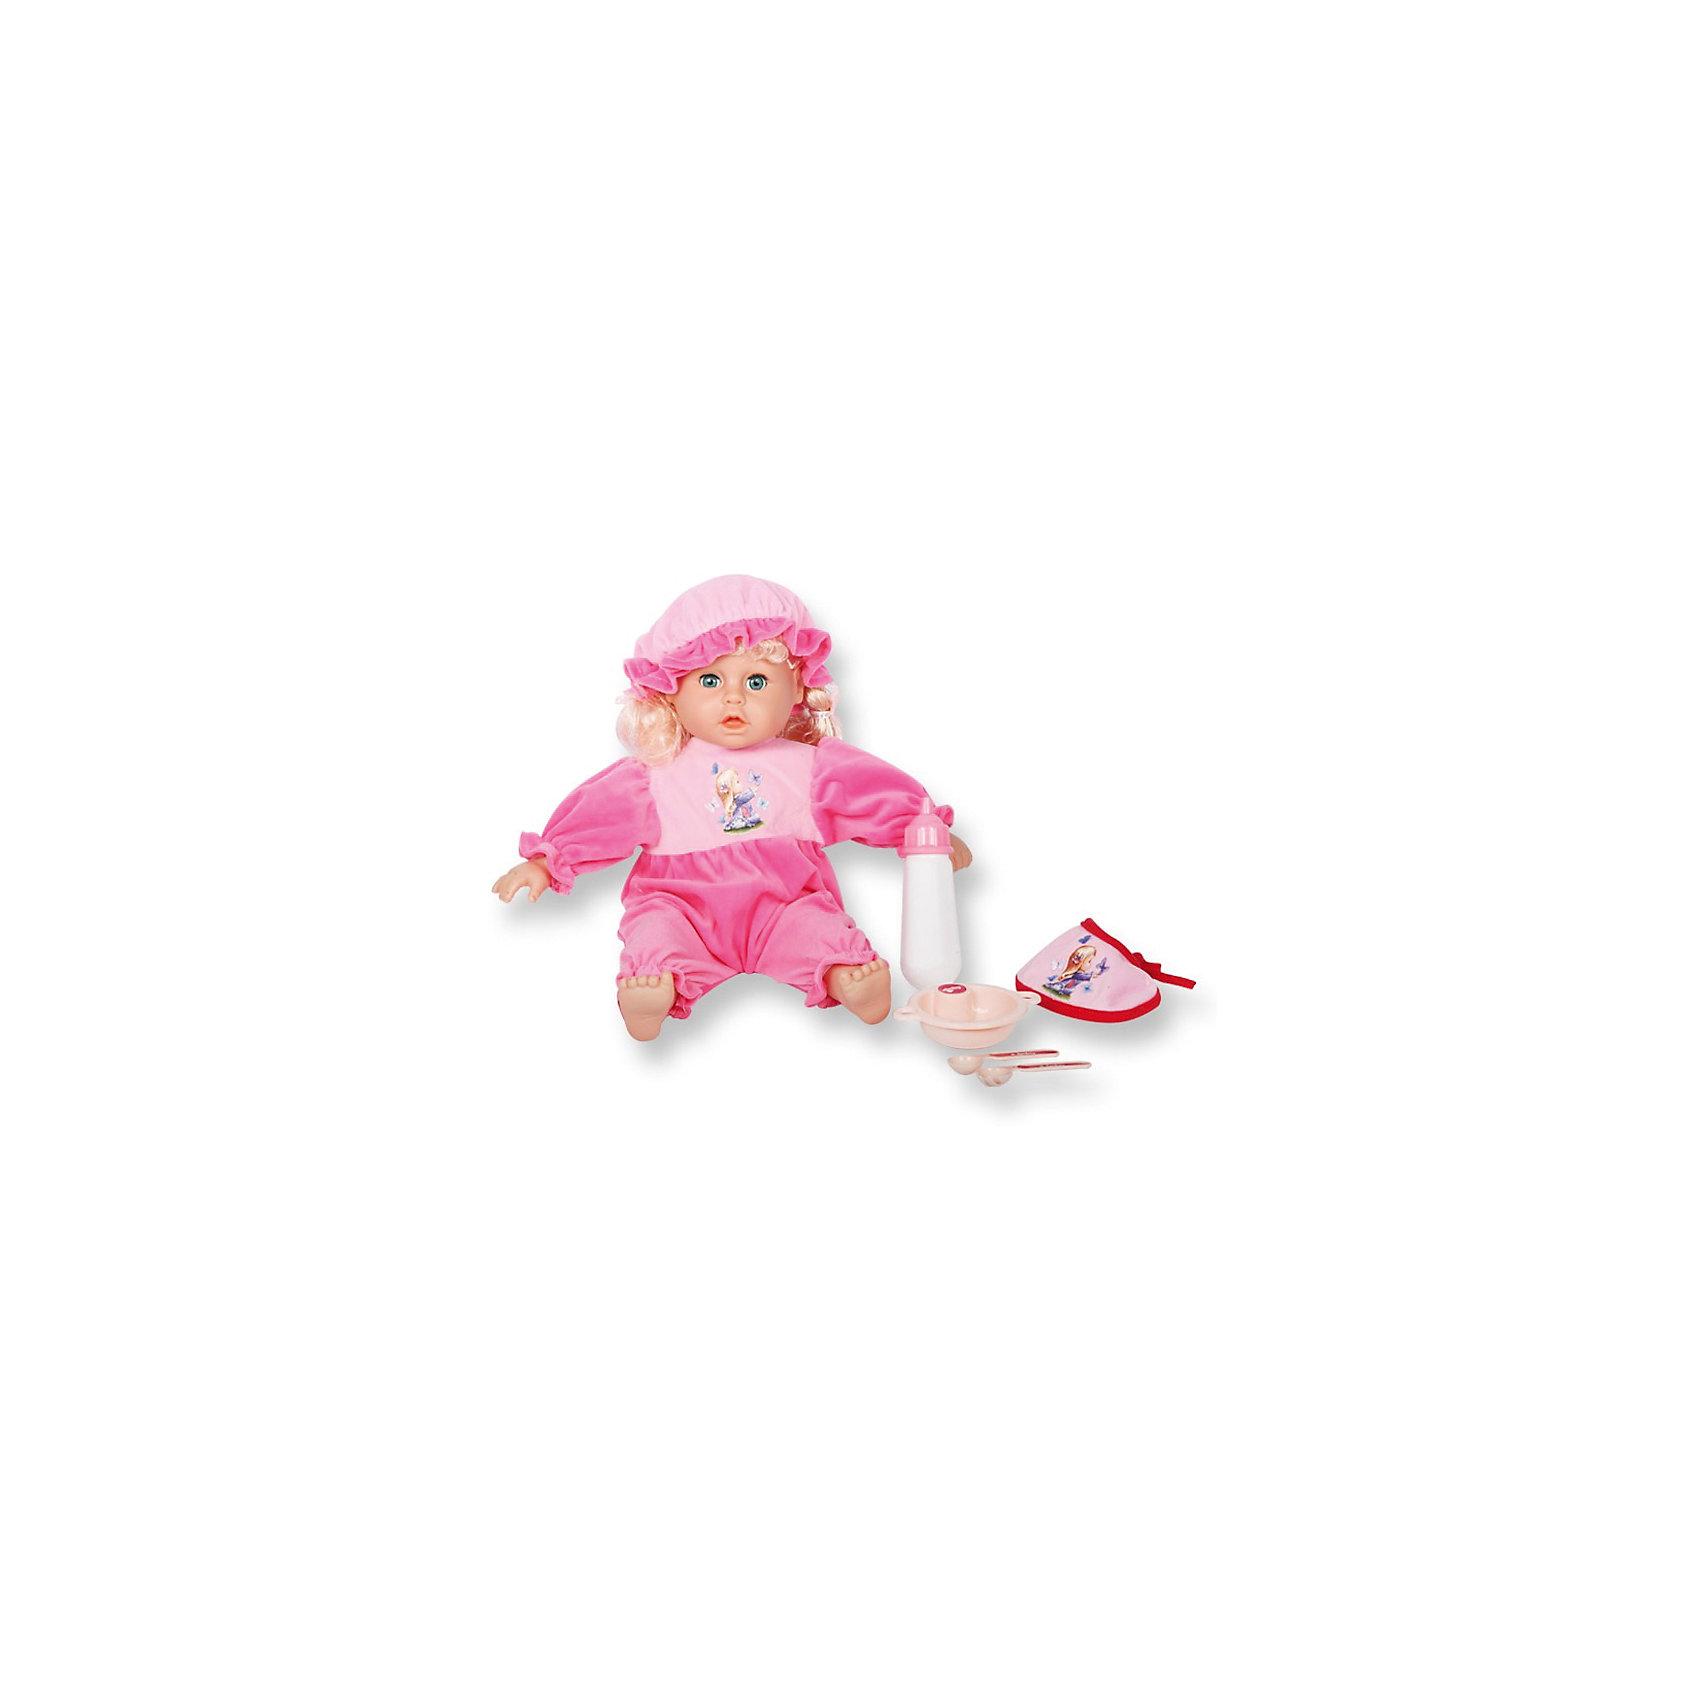 Интерактивная кукла-младенец Ангелочек, 45 см, DollyToyИнтерактивные куклы<br>Характеристики товара:<br><br>• возраст от 3 лет;<br>• материал: пластик, текстиль;<br>• в комплекте: кукла, аксессуары;<br>• высота куклы 45 см;<br>• размер упаковки 38х28,3х12 см;<br>• вес упаковки 1,66 кг;<br>• страна производитель: Китай.<br><br>Интерактивная кукла-младенец «Ангелочек» DollyToy привьет девочке чувство заботы, любви, ответственности. Кукла умеет разговаривать, смеяться, плакать, говорить «Я люблю тебя», хлопать глазками. При нажатии на левую руку, она заплачет. При нажатии на правую руку — скажет «мама» и «папа». В наборе имеются все необходимые аксессуары для кормления, когда малышка захочет покушать.<br><br>Интерактивную куклу-младенец «Ангелочек» DollyToy можно приобрести в нашем интернет-магазине.<br><br>Ширина мм: 283<br>Глубина мм: 120<br>Высота мм: 380<br>Вес г: 1660<br>Возраст от месяцев: 36<br>Возраст до месяцев: 72<br>Пол: Женский<br>Возраст: Детский<br>SKU: 5581281